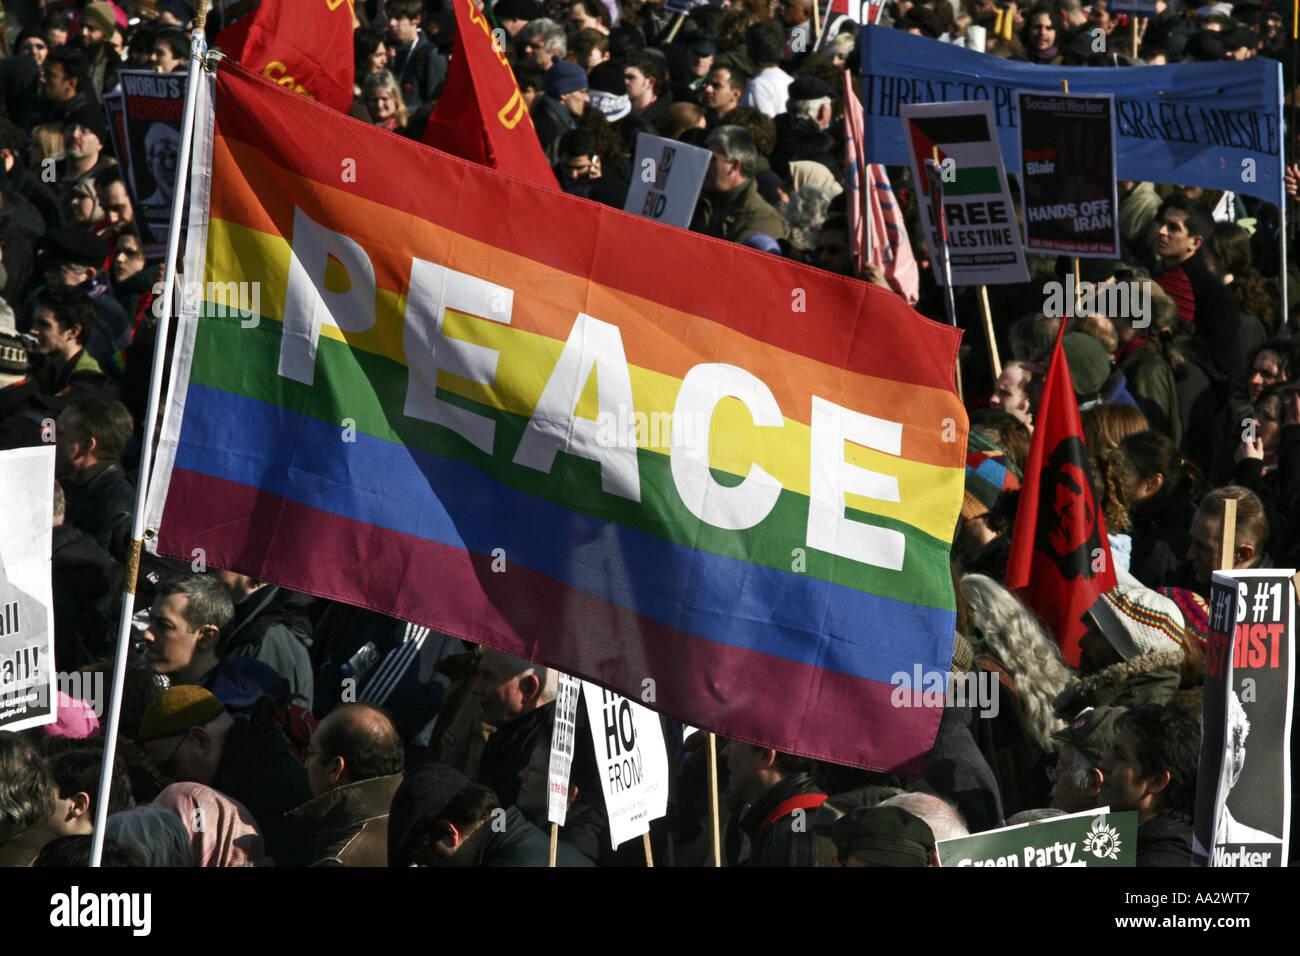 Peace flag at anti-war demo in London UK - Stock Image